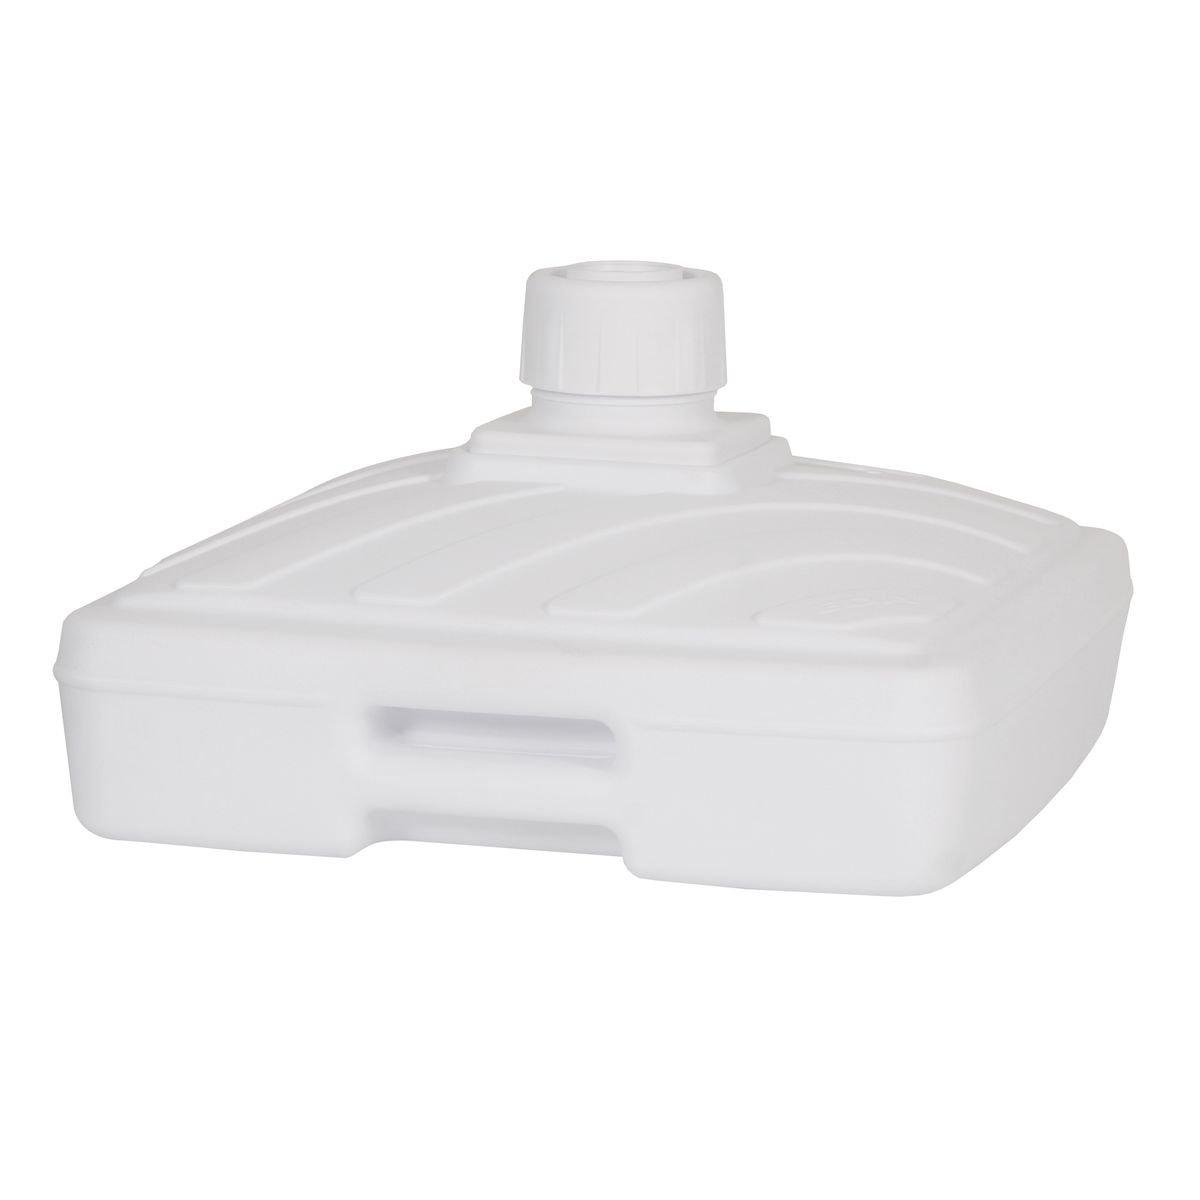 greemotion Soporte para sombrilla con ruedas y mango - Pantalla Soporte para sombrilla de plástico rellenable 40 L de agua sin arena, color blanco, ...